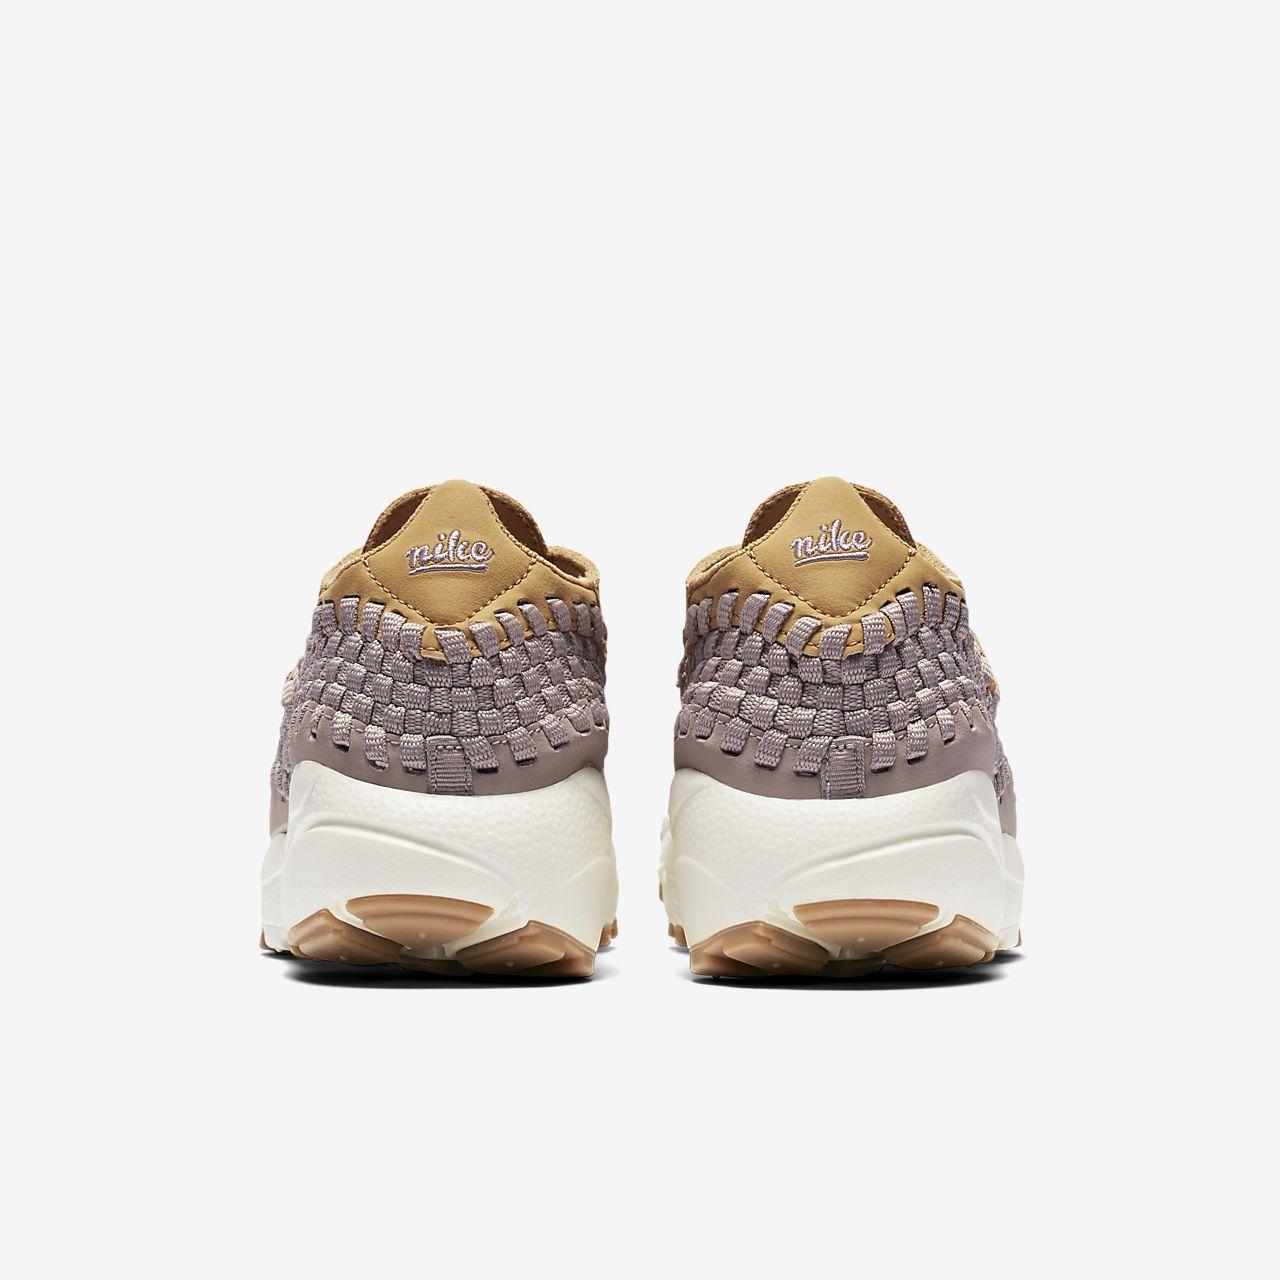 Nike Air Footscape Woven Damenschuh